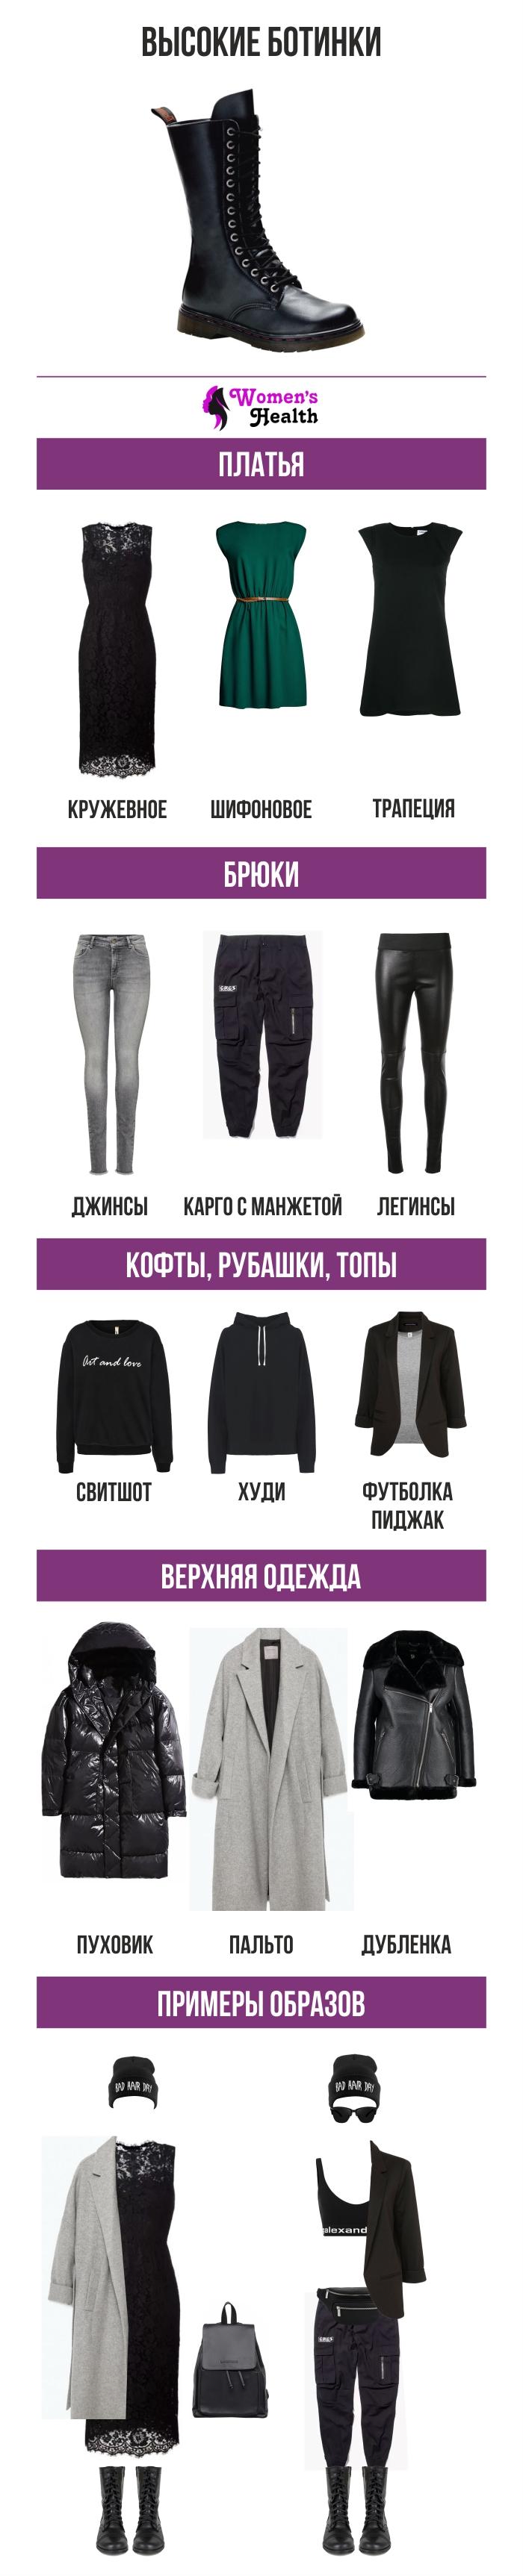 Инфографика: С чем носить высокие ботинки